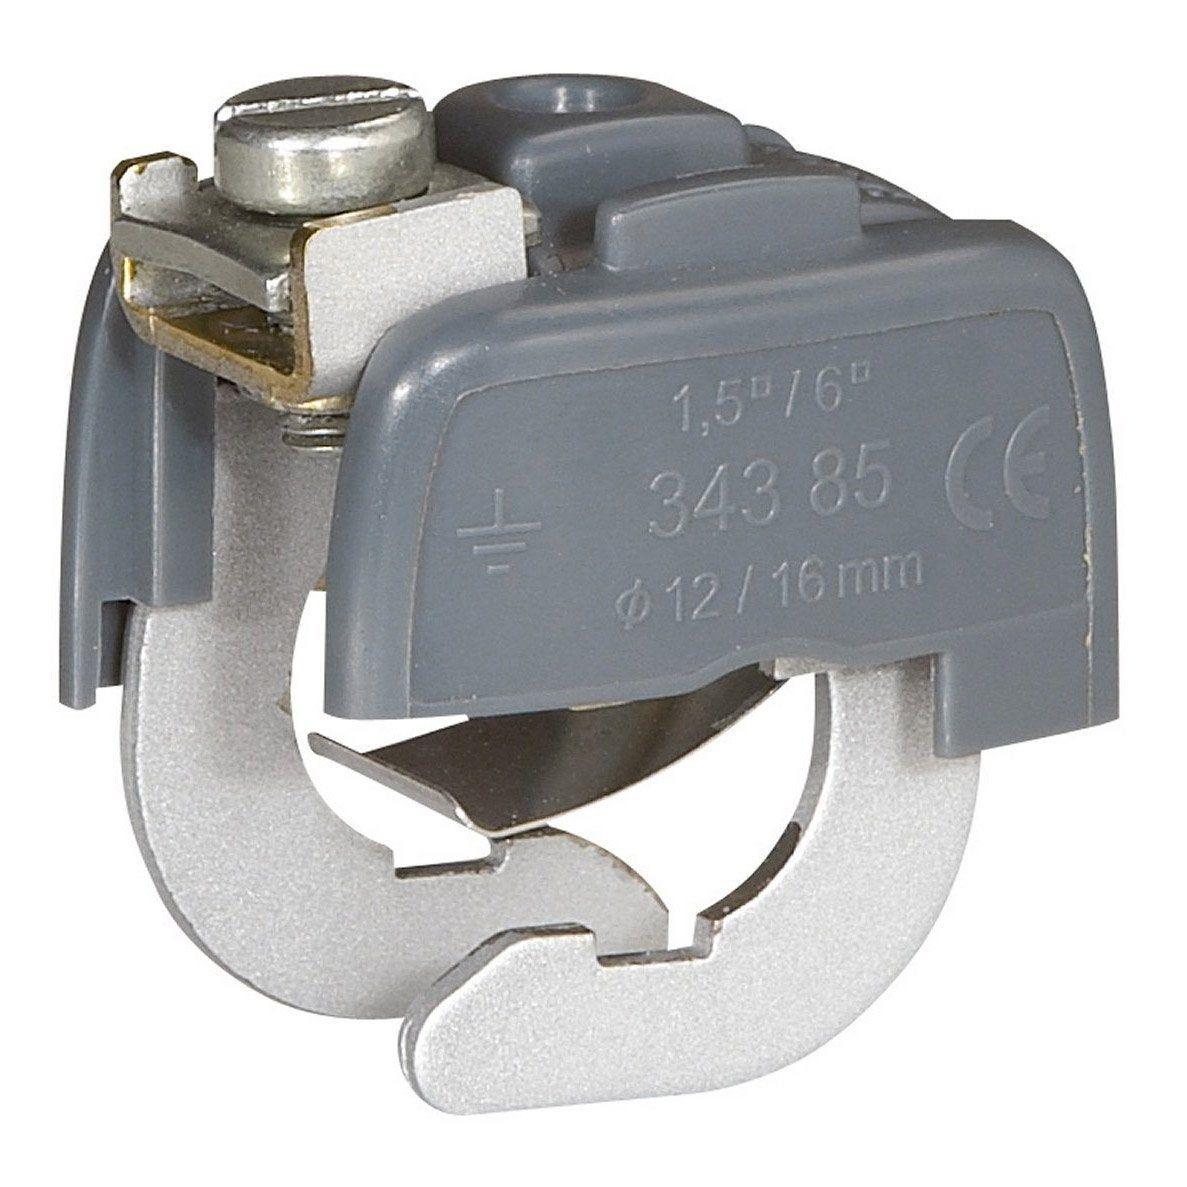 Connecteur De Liaison Equipotentielle P 30 Mm Legrand Tableau Electrique Legrand Canalisation